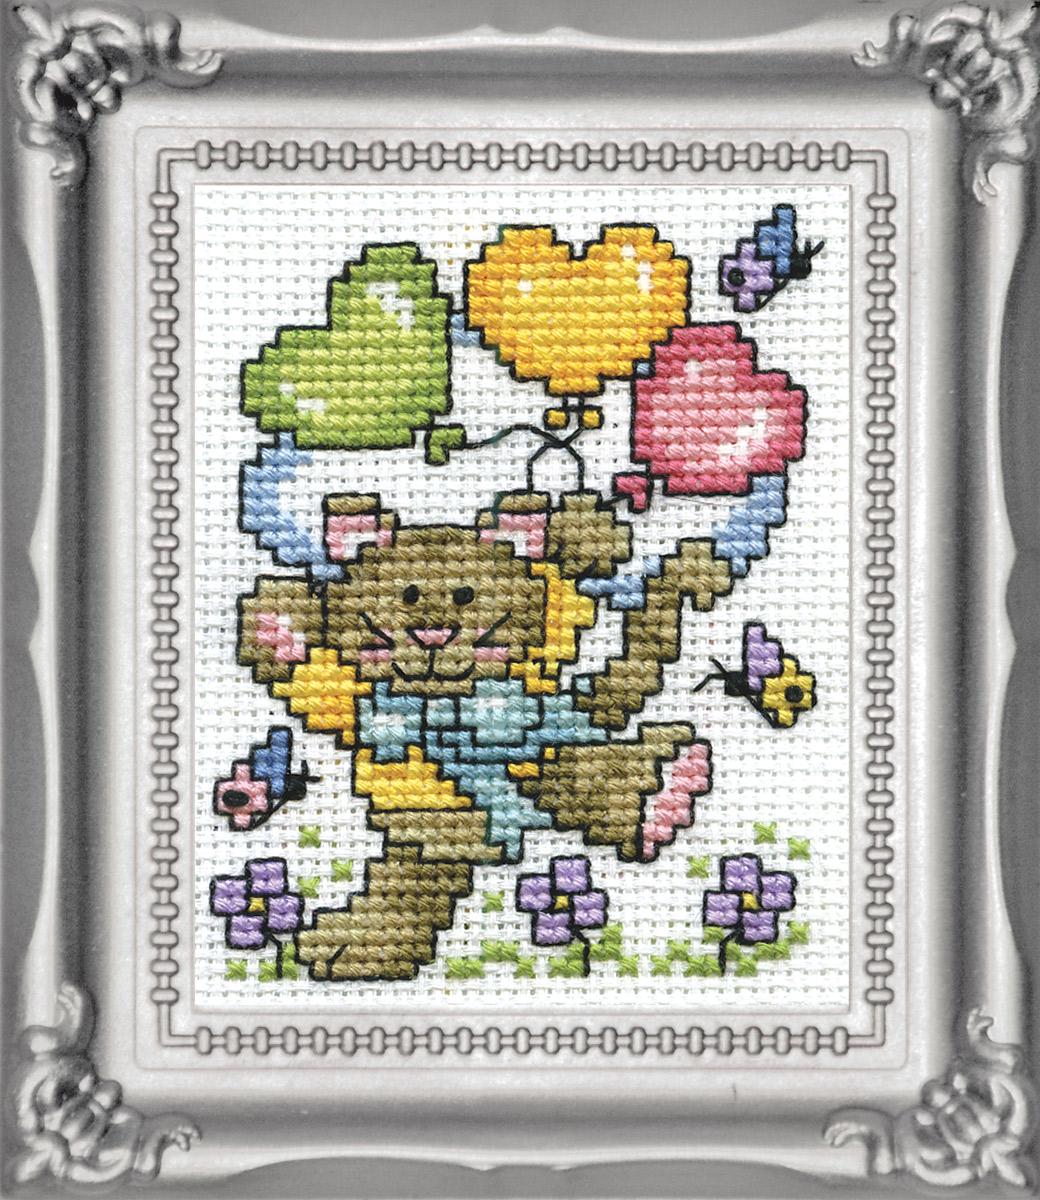 Набор для вышивания крестом Design Works Кот с воздушными шарами, 5 х 8 см604Канва Аида 14 (100% хлопок), нитки мулине (100% хлопок), игла, подробная инструкция со схемой вышивки на русском языке, рамка